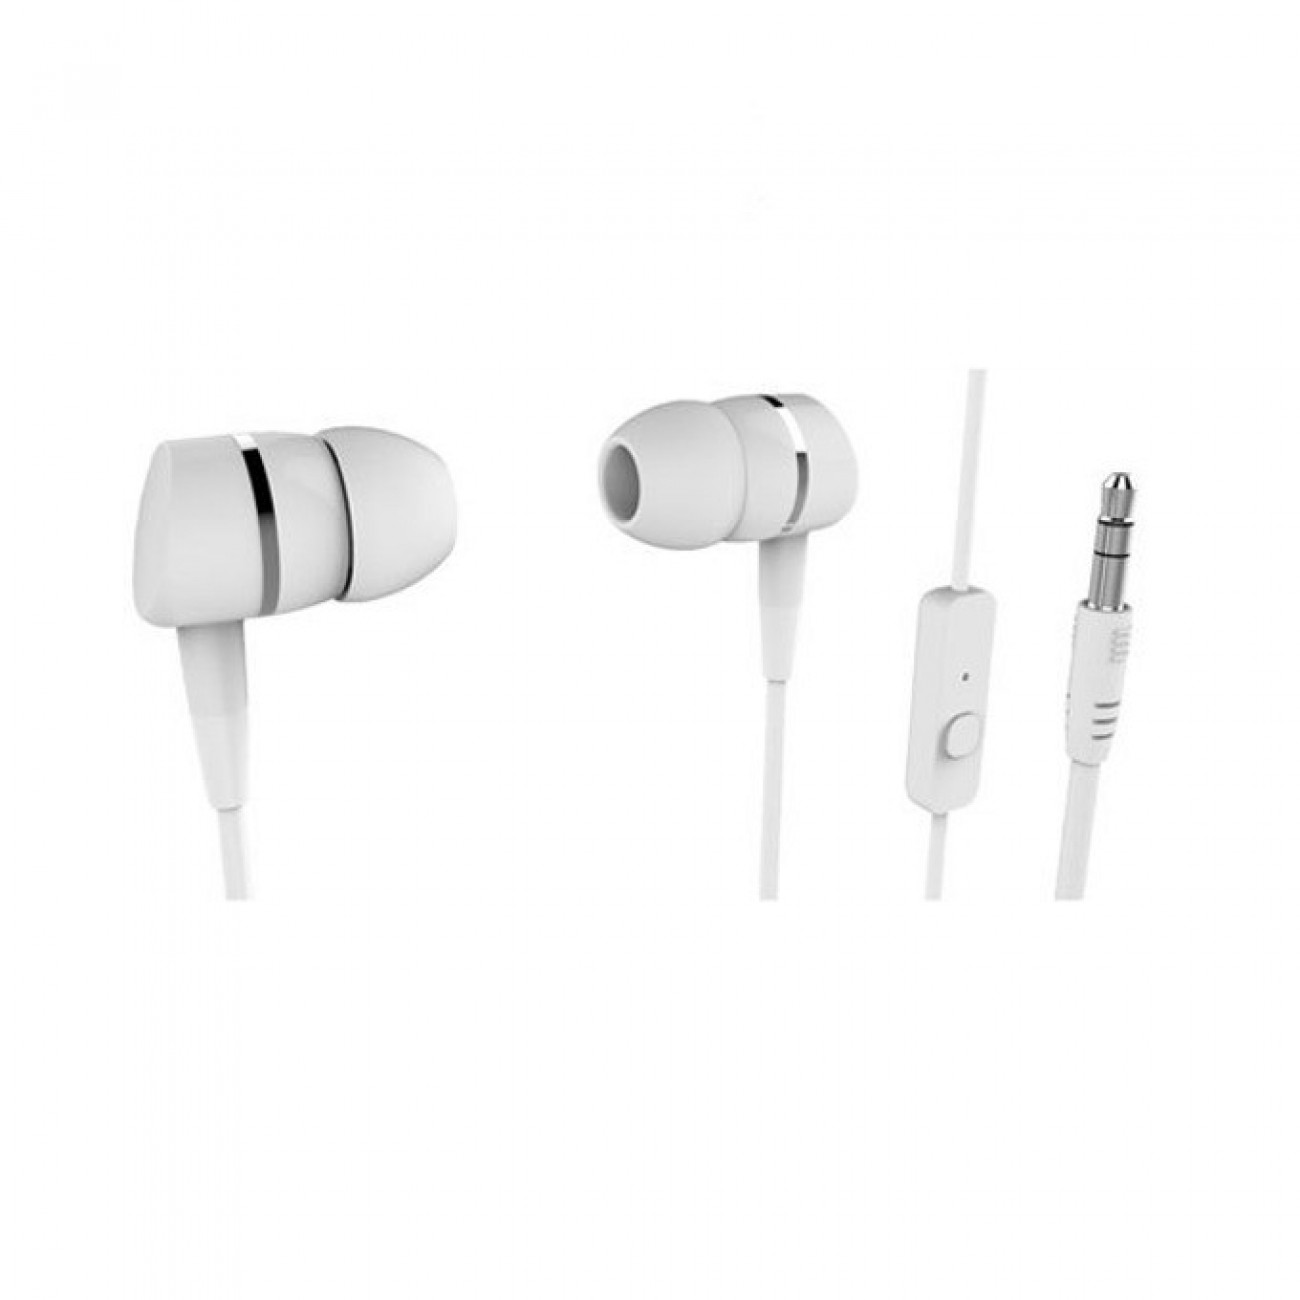 Слушалки Vivanco 38010, микрофон, 20  20.00Hz, 1.2м кабел, бели в Слушалки -  | Alleop